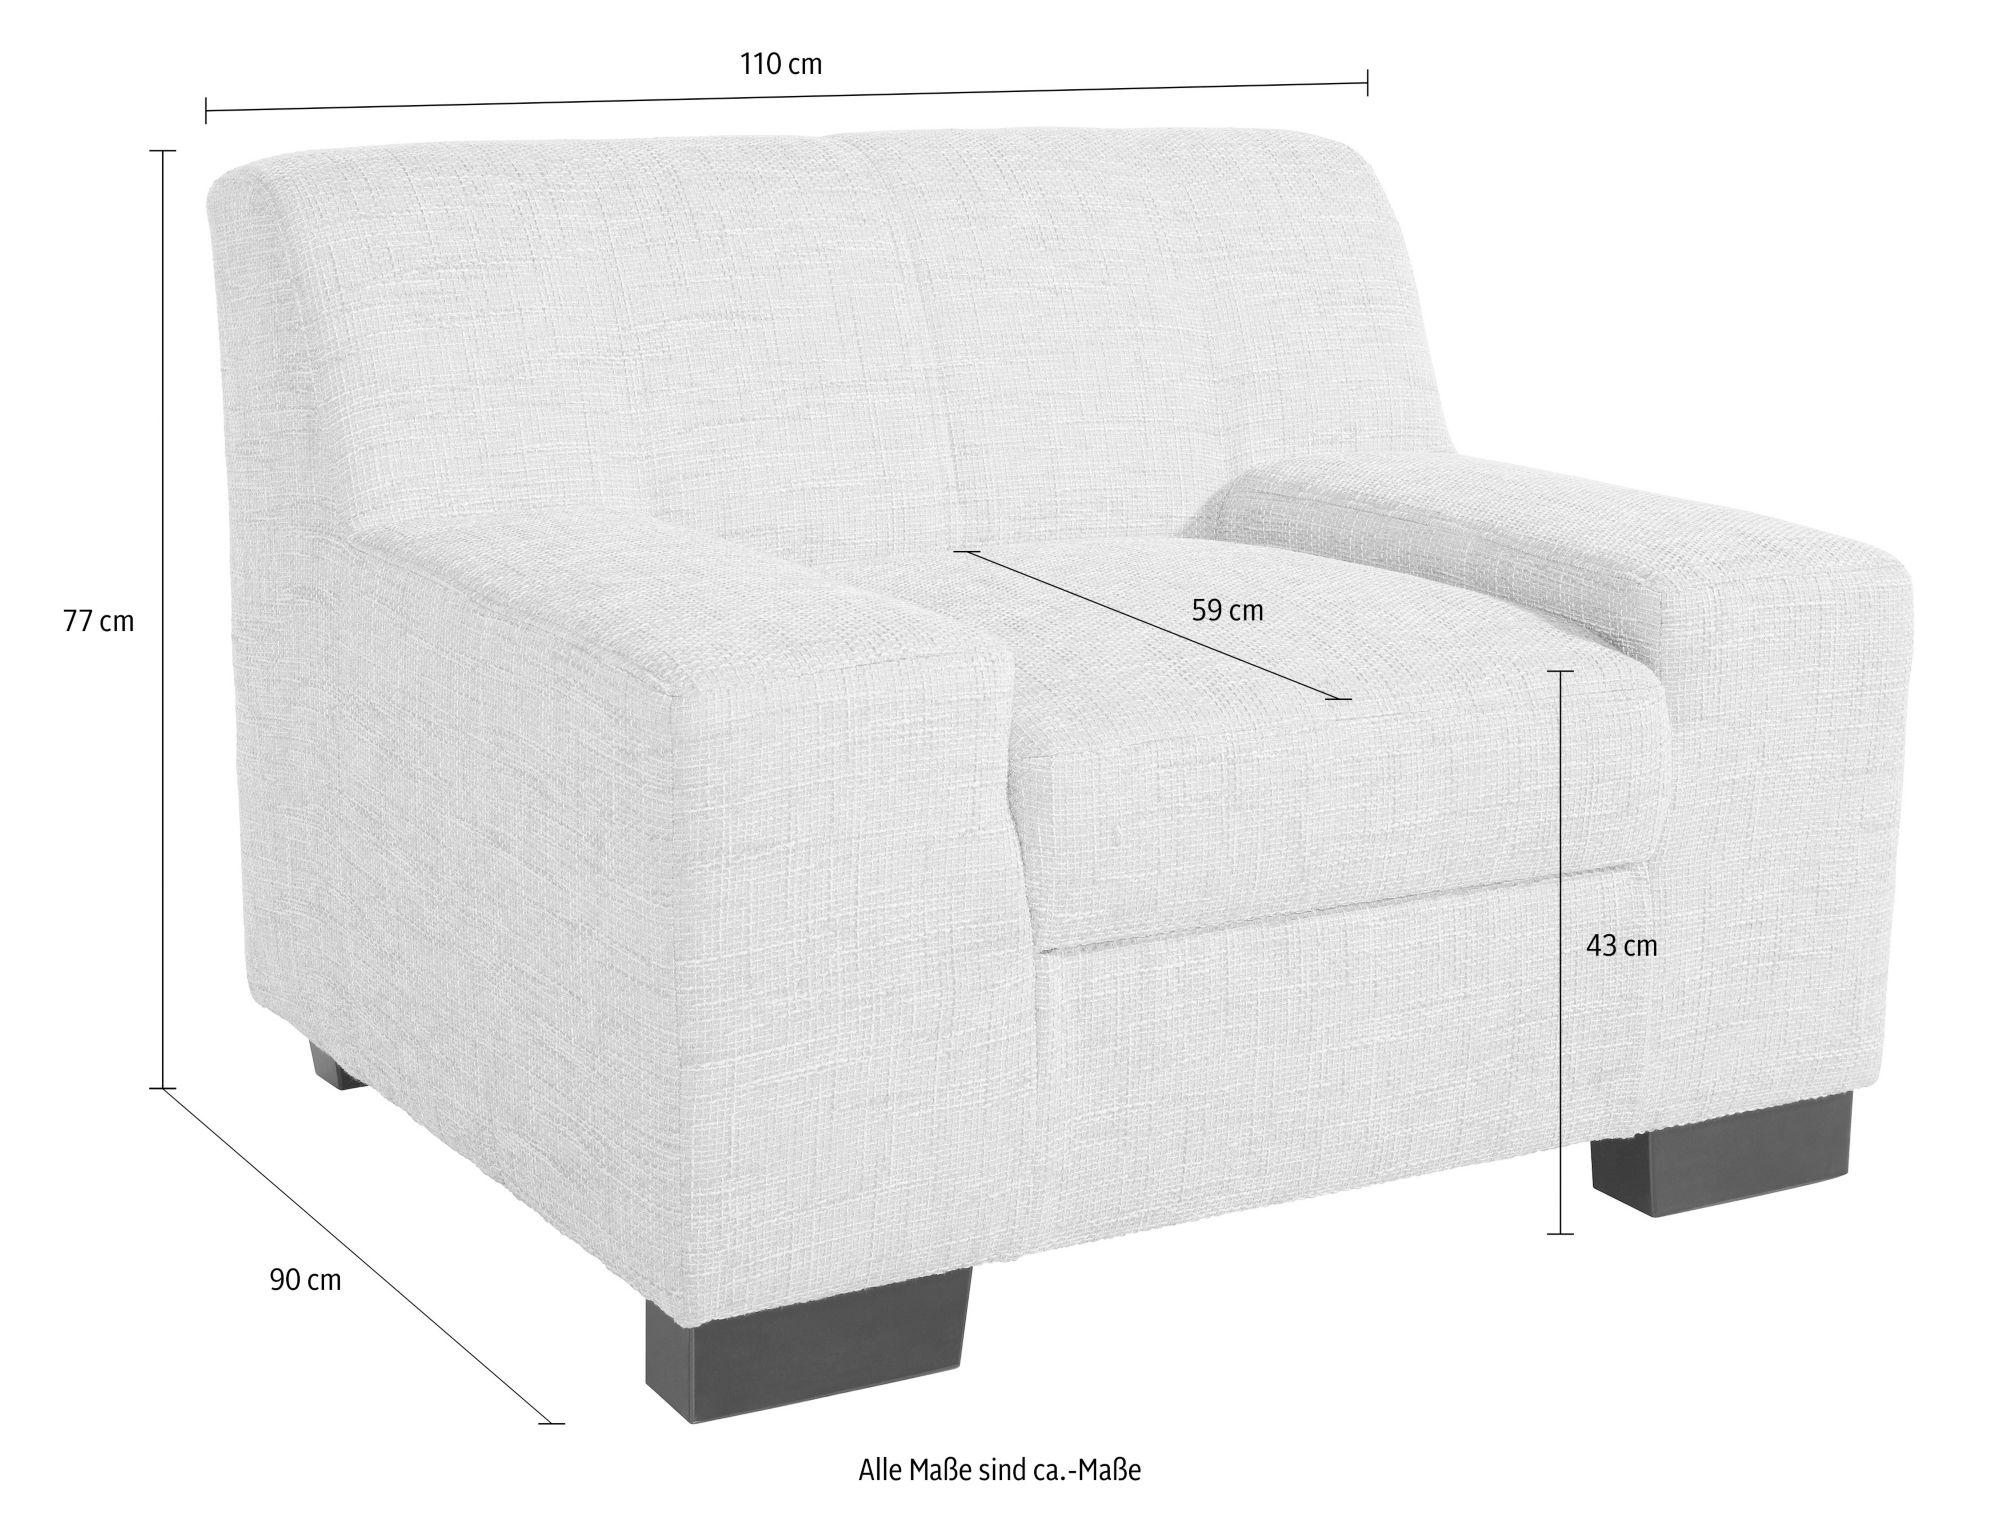 sessel schwab versand m bel. Black Bedroom Furniture Sets. Home Design Ideas